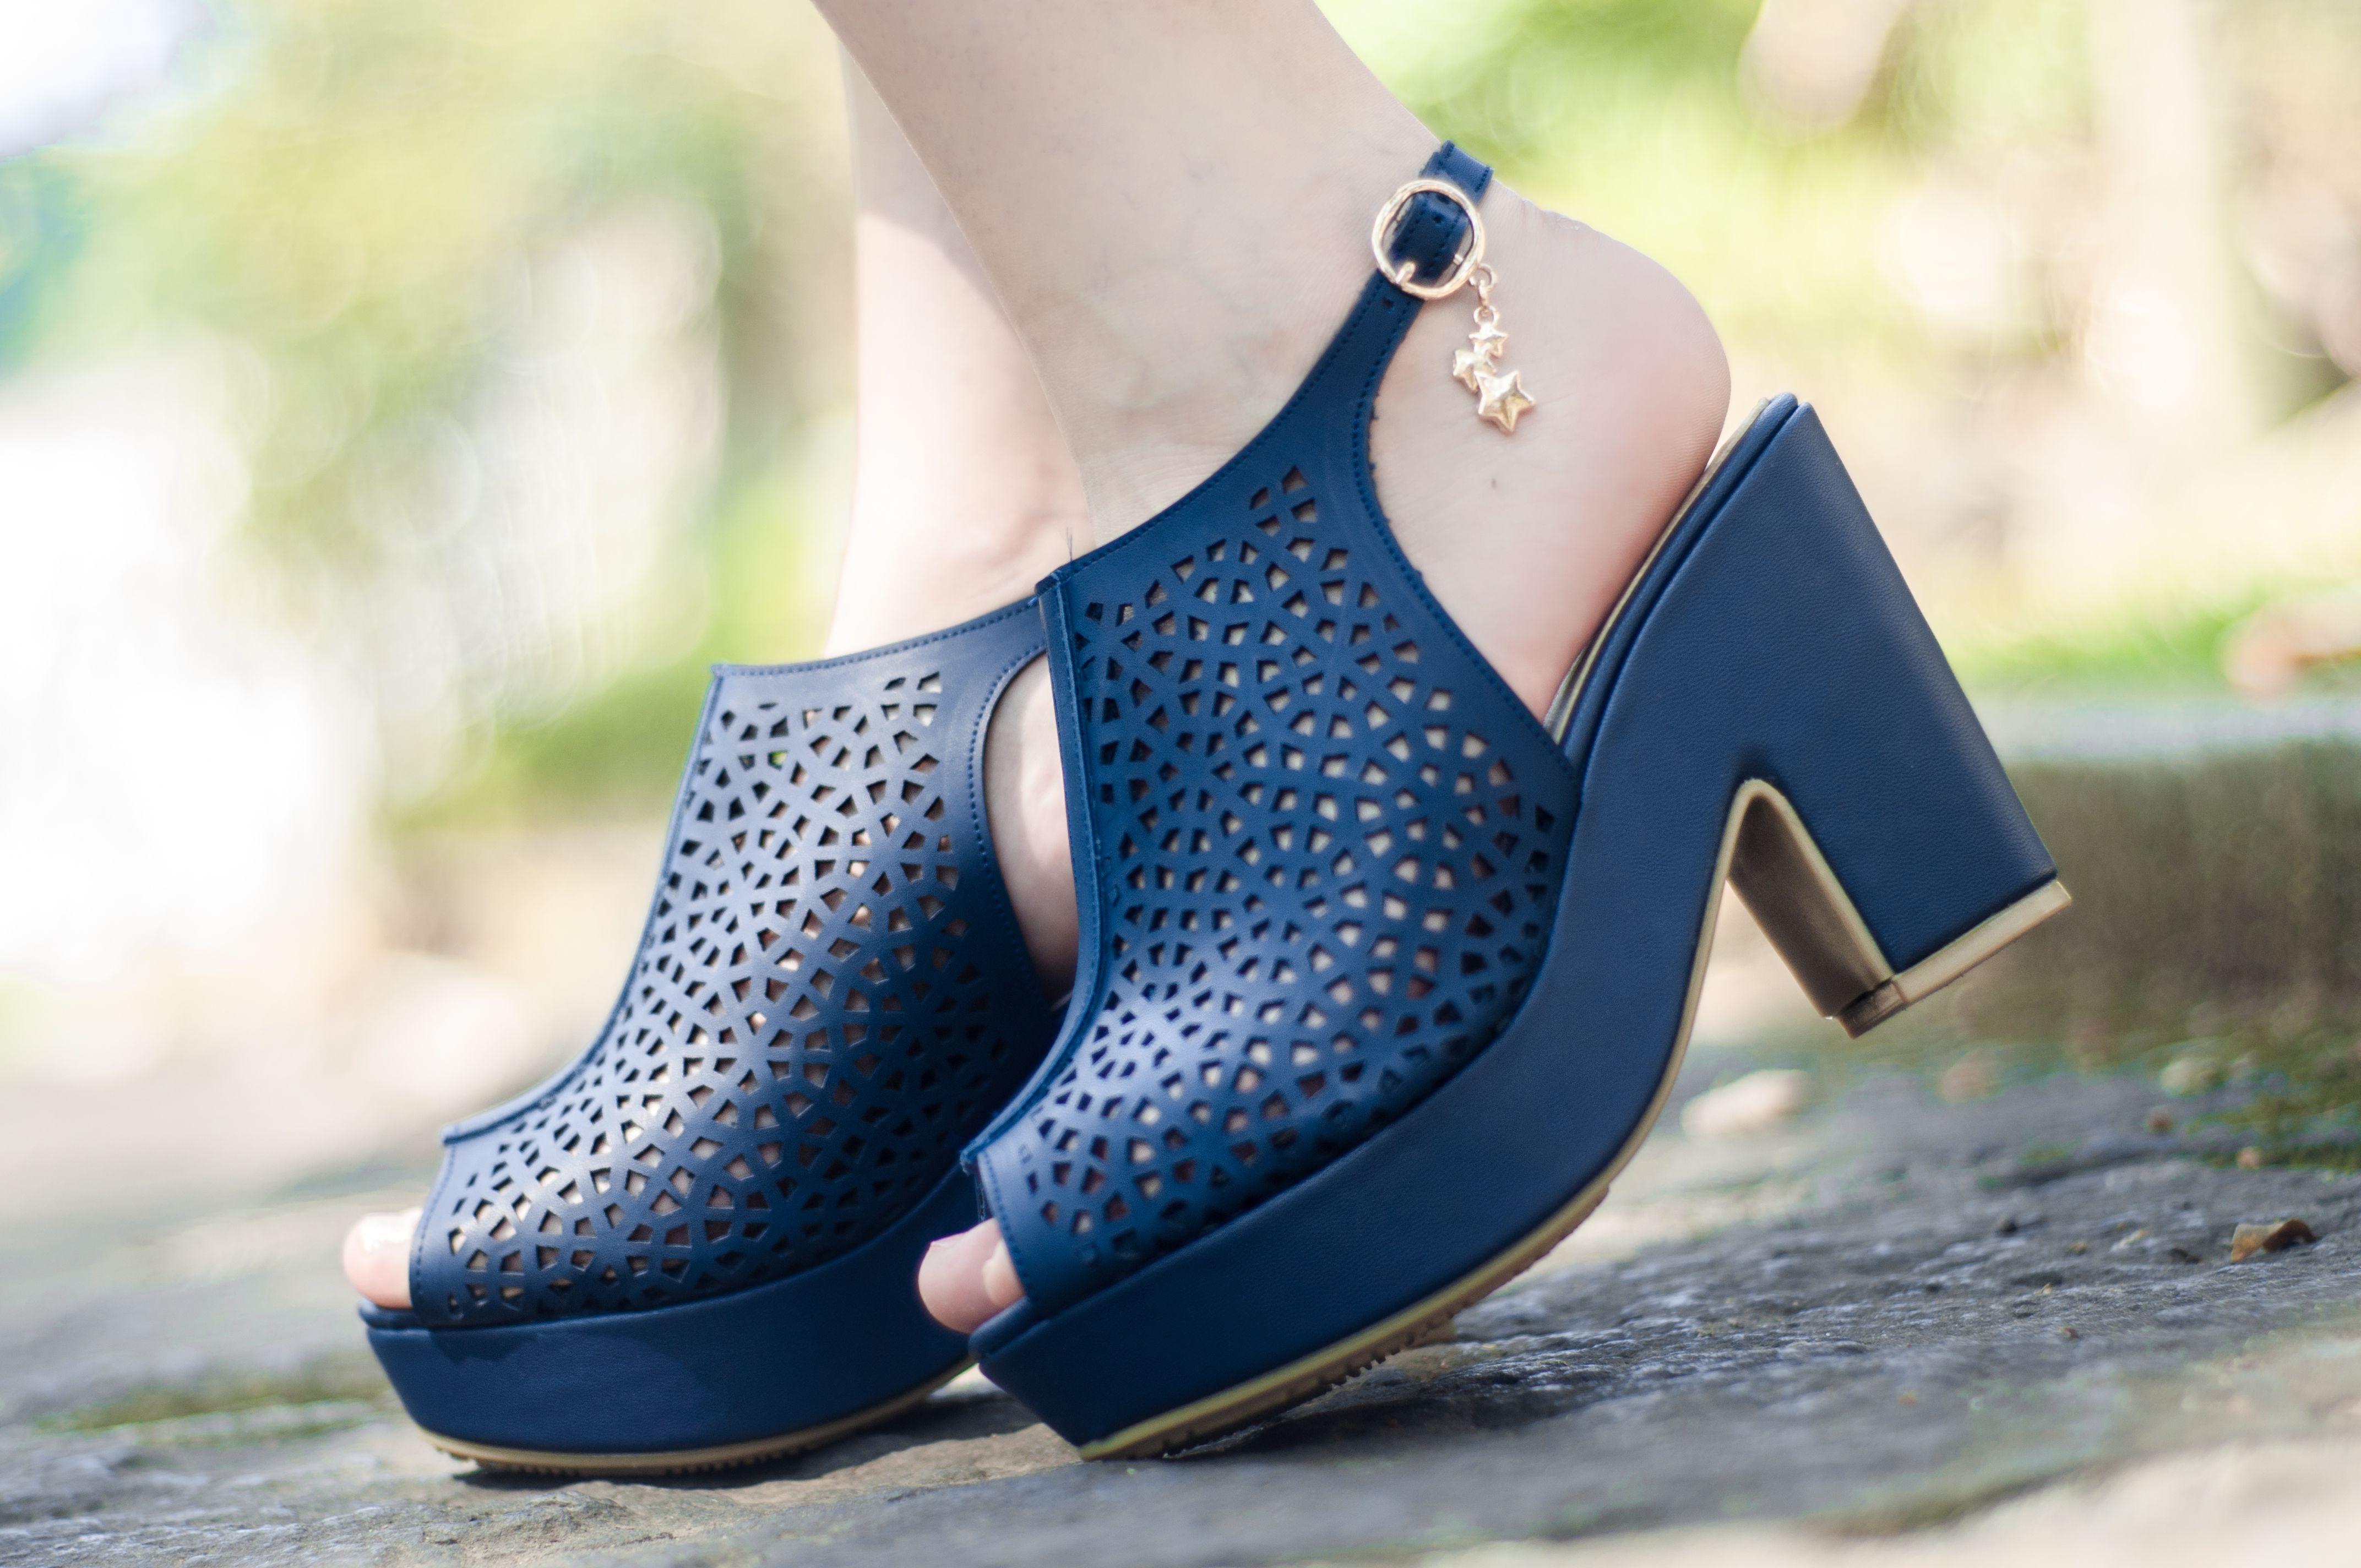 299c6850241 Tacones azul marino   zapatillas para primavera   zapatillas para verano    tacón ancho   sandalias